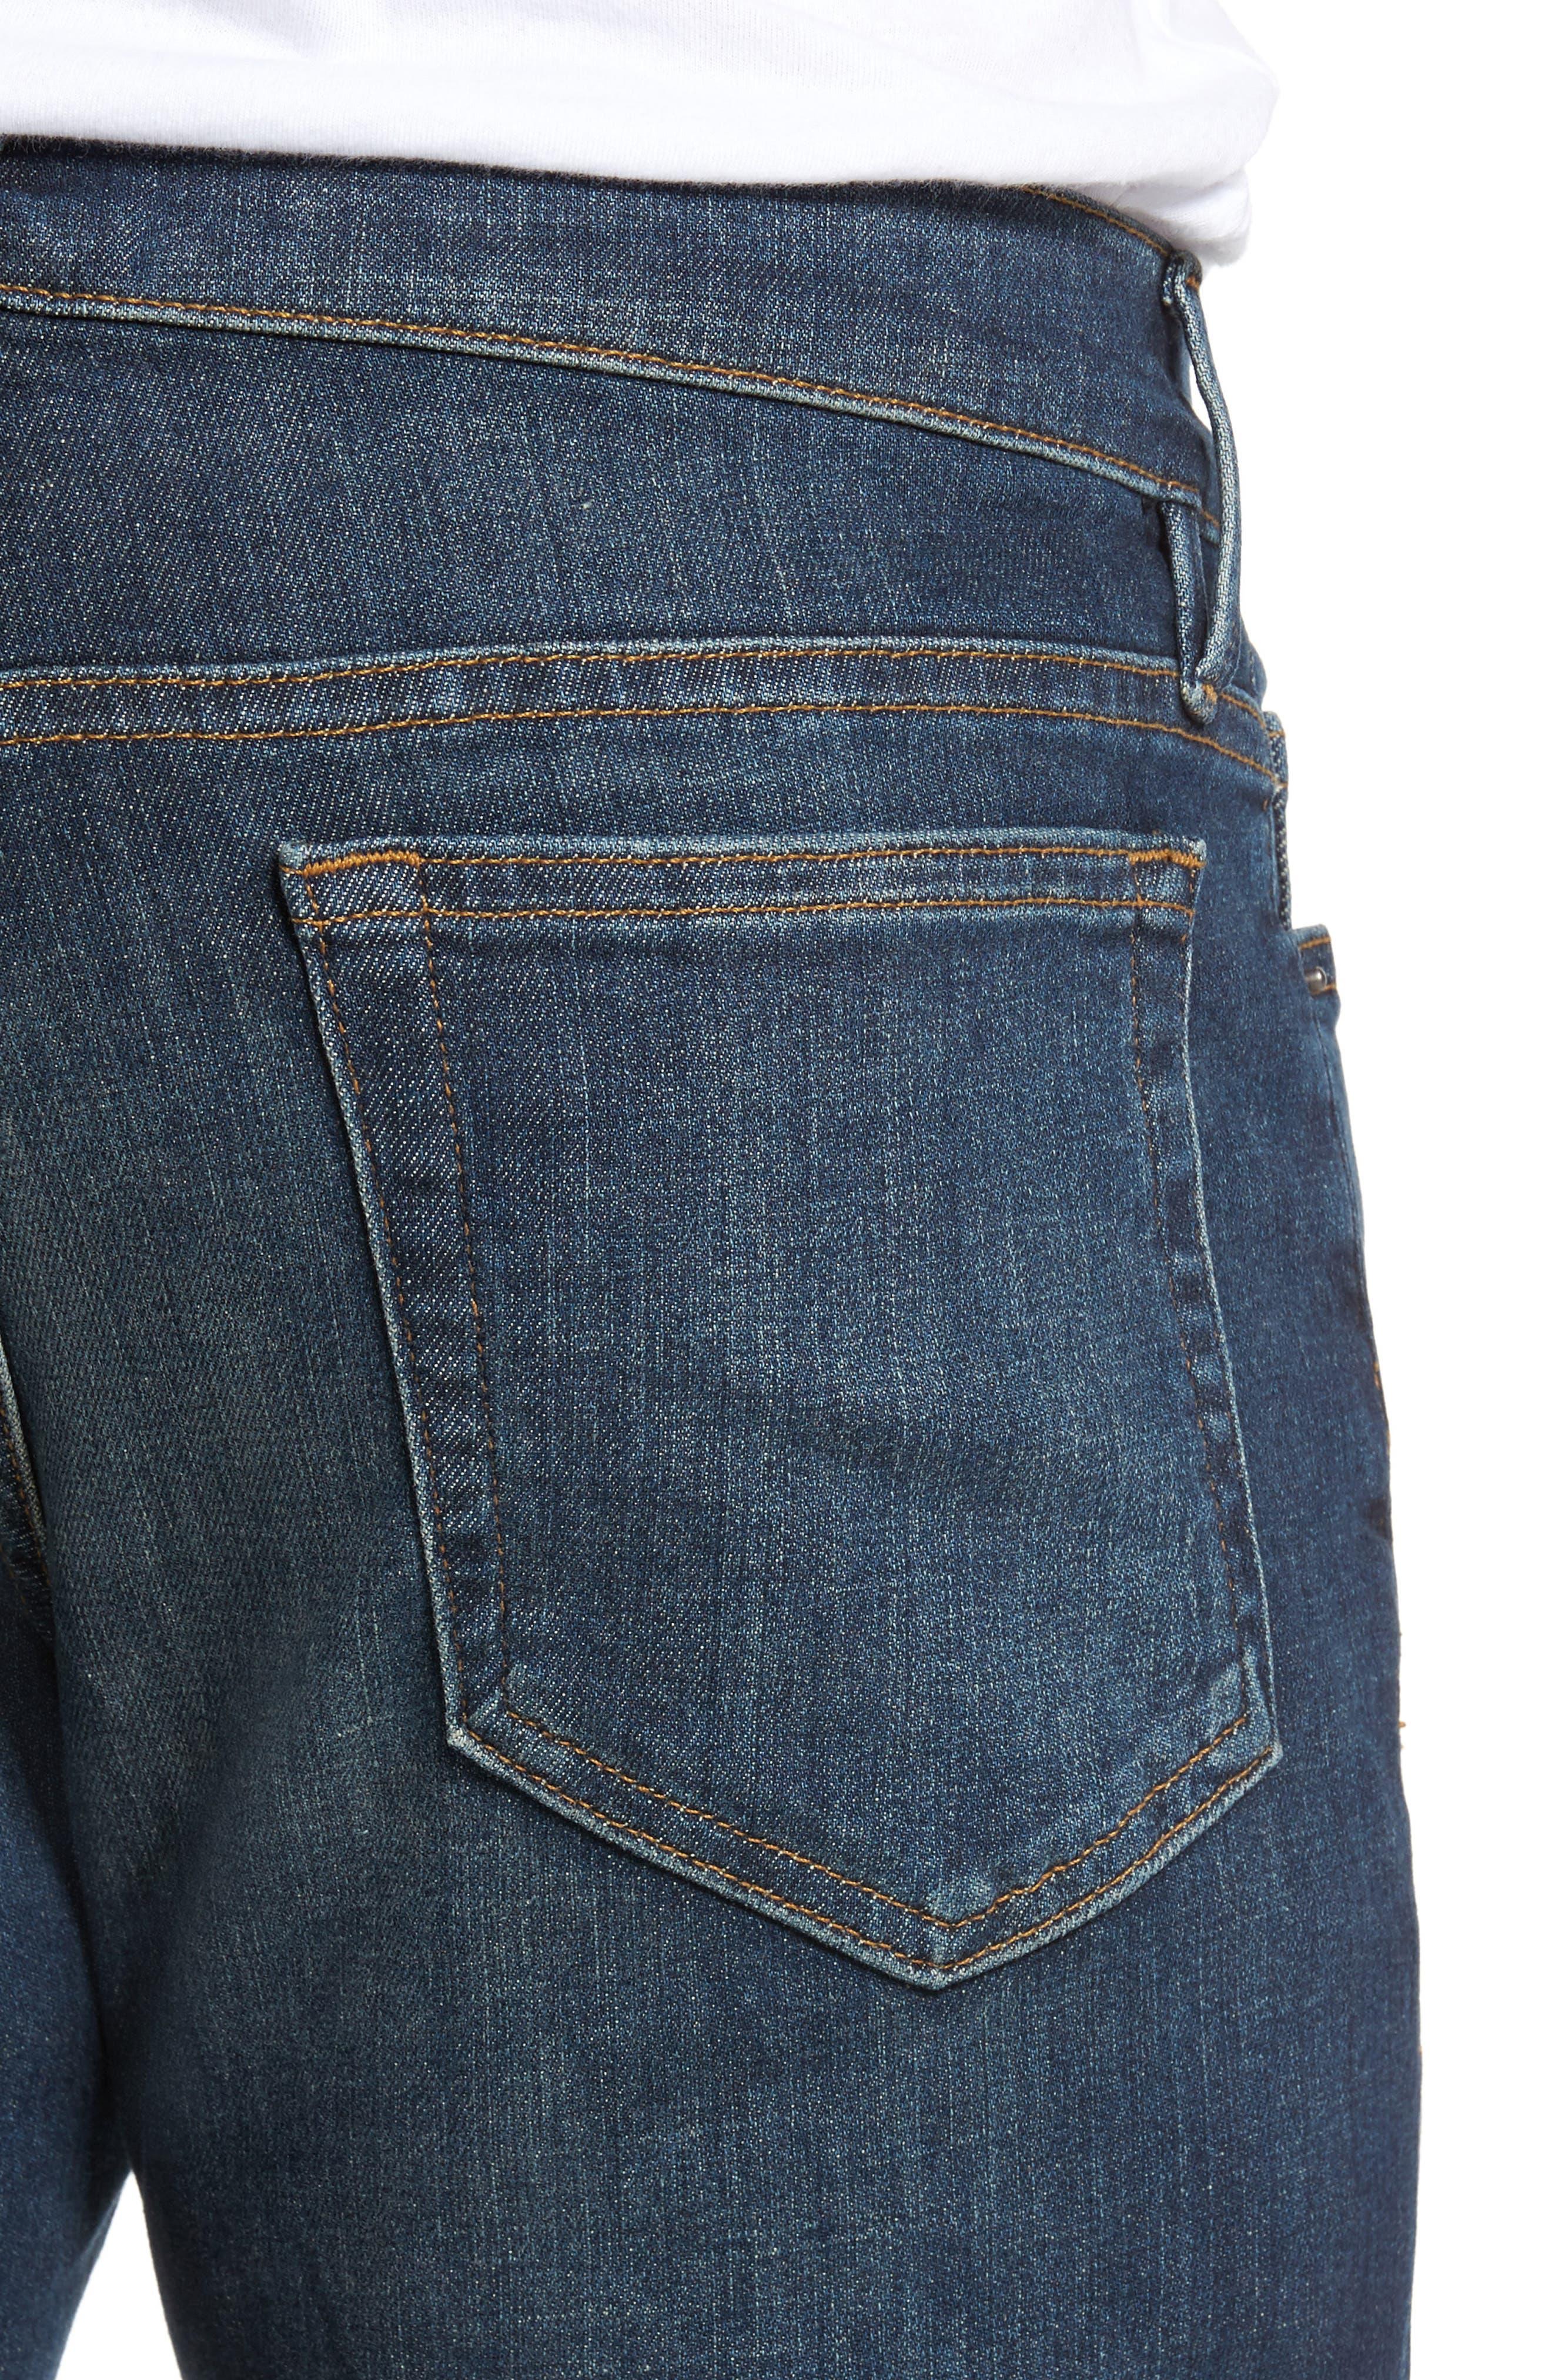 L'Homme Slim Fit Jeans,                             Alternate thumbnail 4, color,                             420